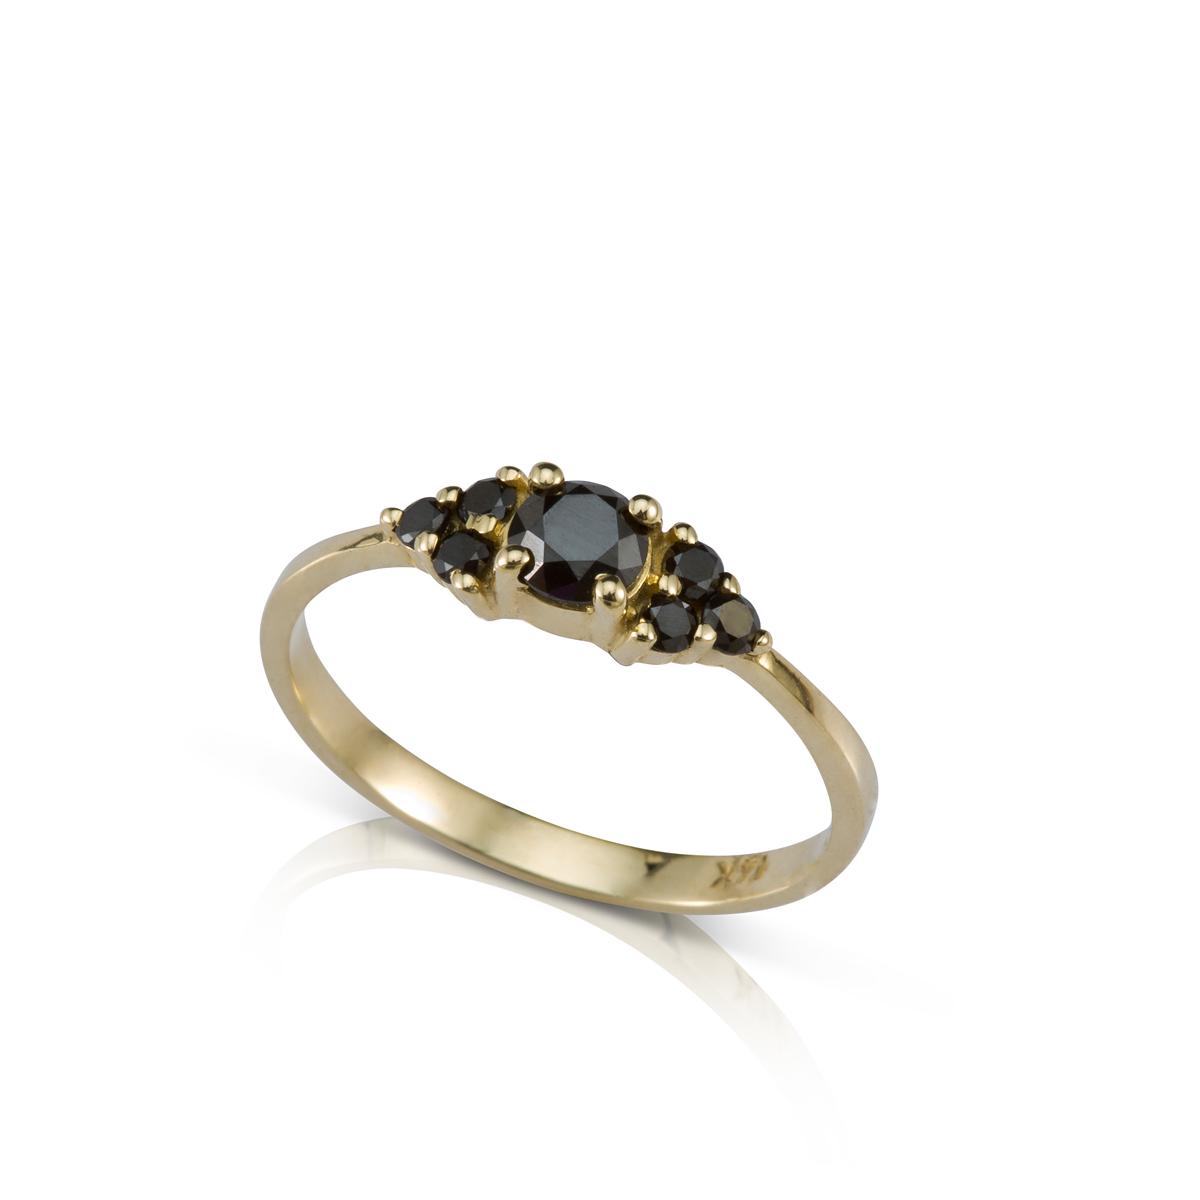 טבעת אירוסין משובצת יהלום שחור מרכזי 0.35ct ו-6 יהלומים שחורים צדדים